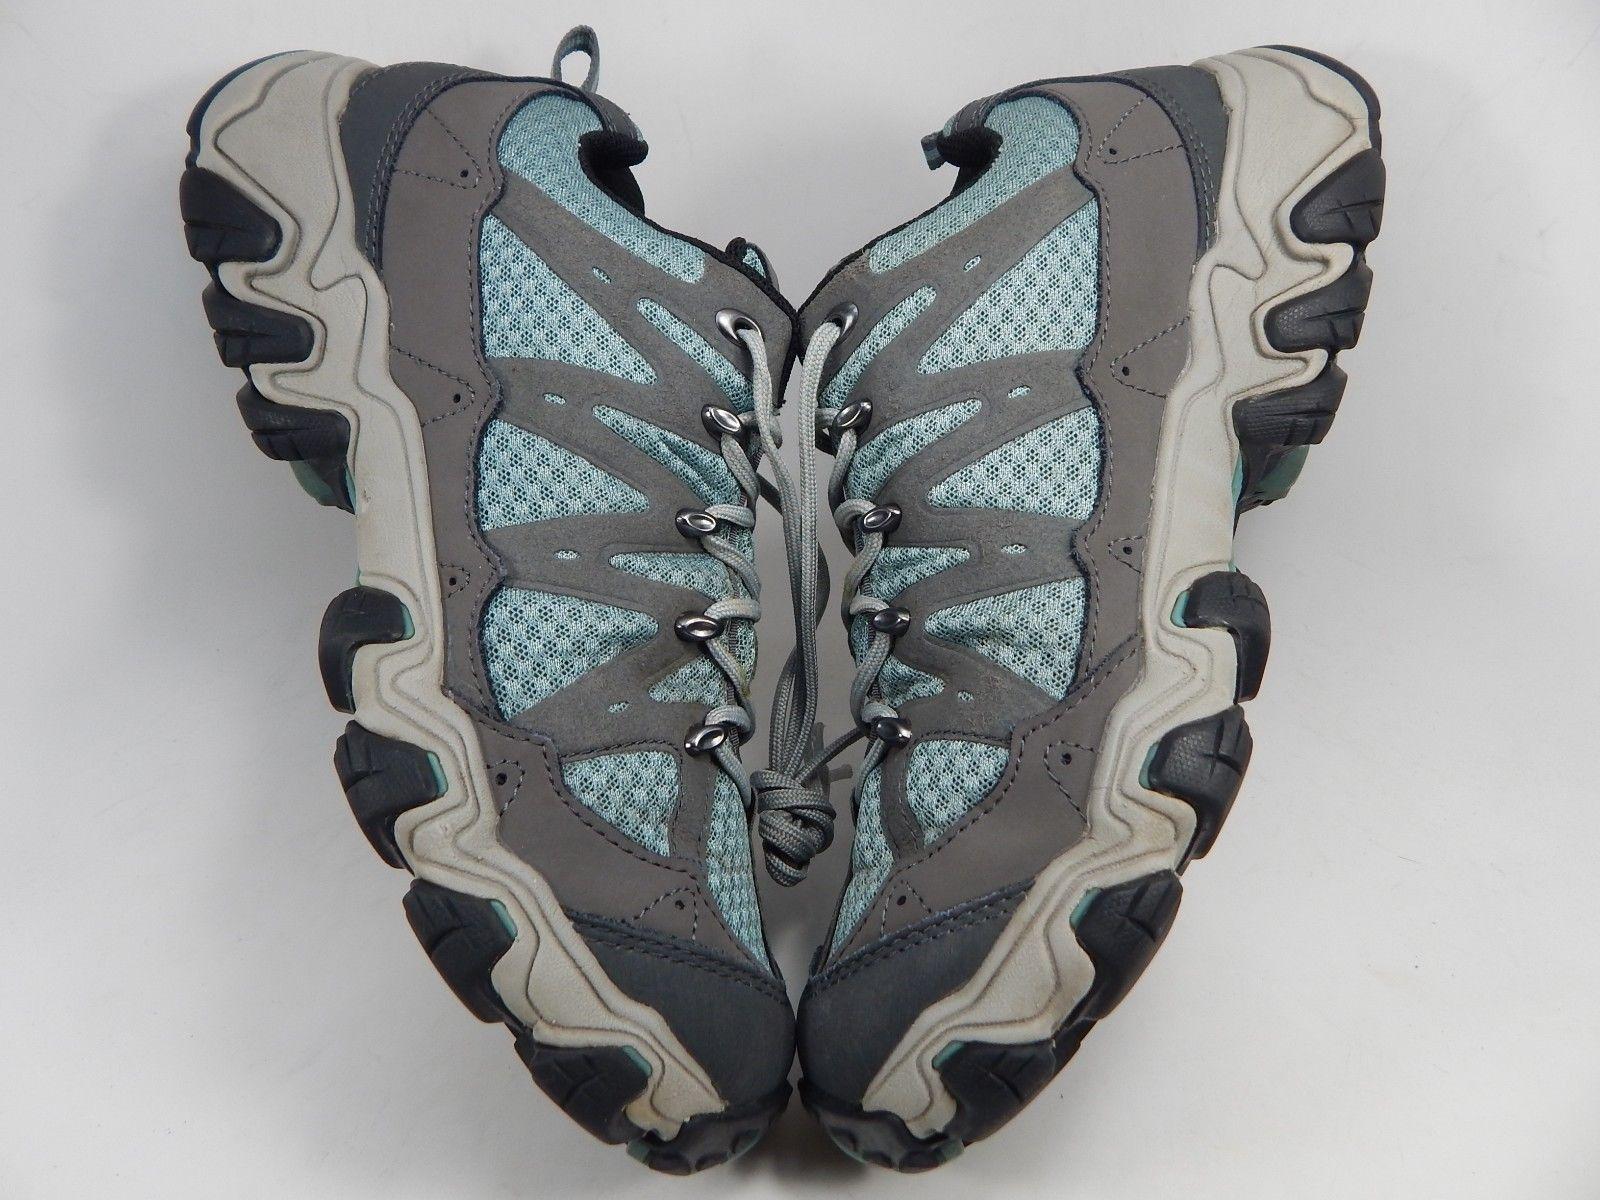 Oboz Luna Women's Hiking / Trail Running Shoes Size US 10 M (B) EU 41.5 Gray